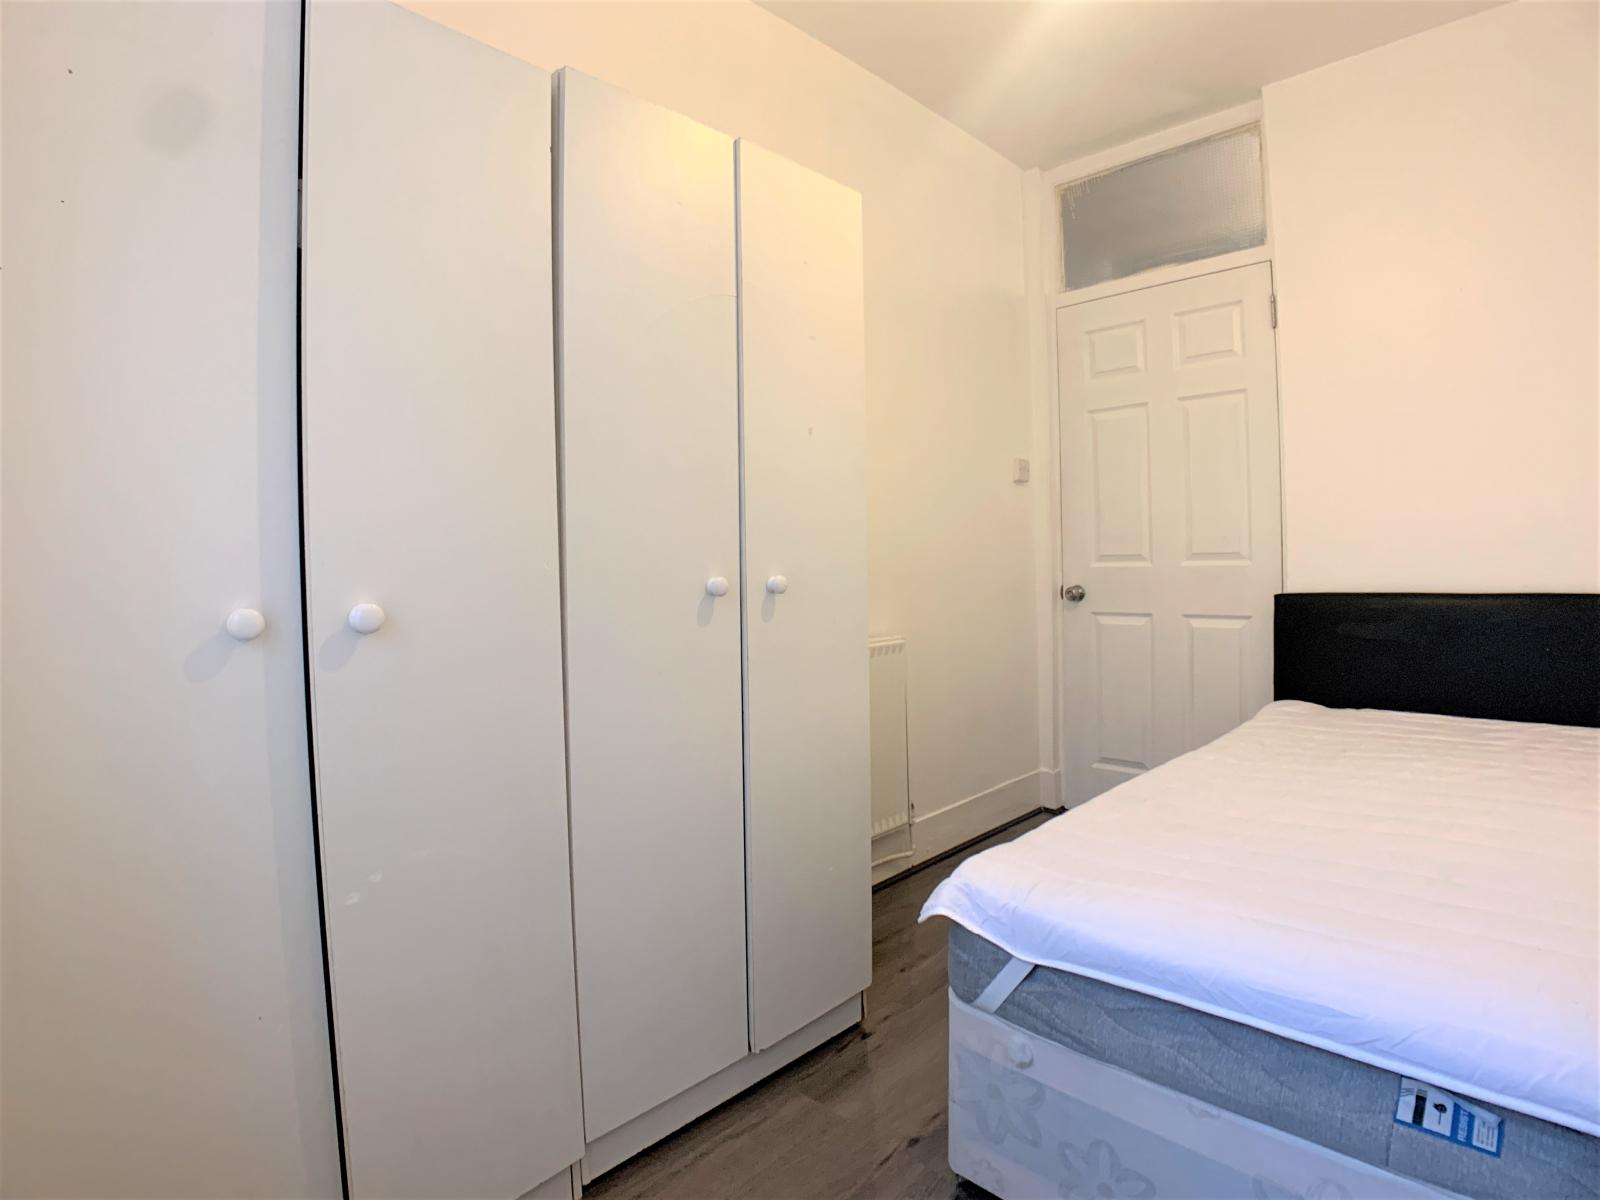 3 bedroom flat - Clapham Common